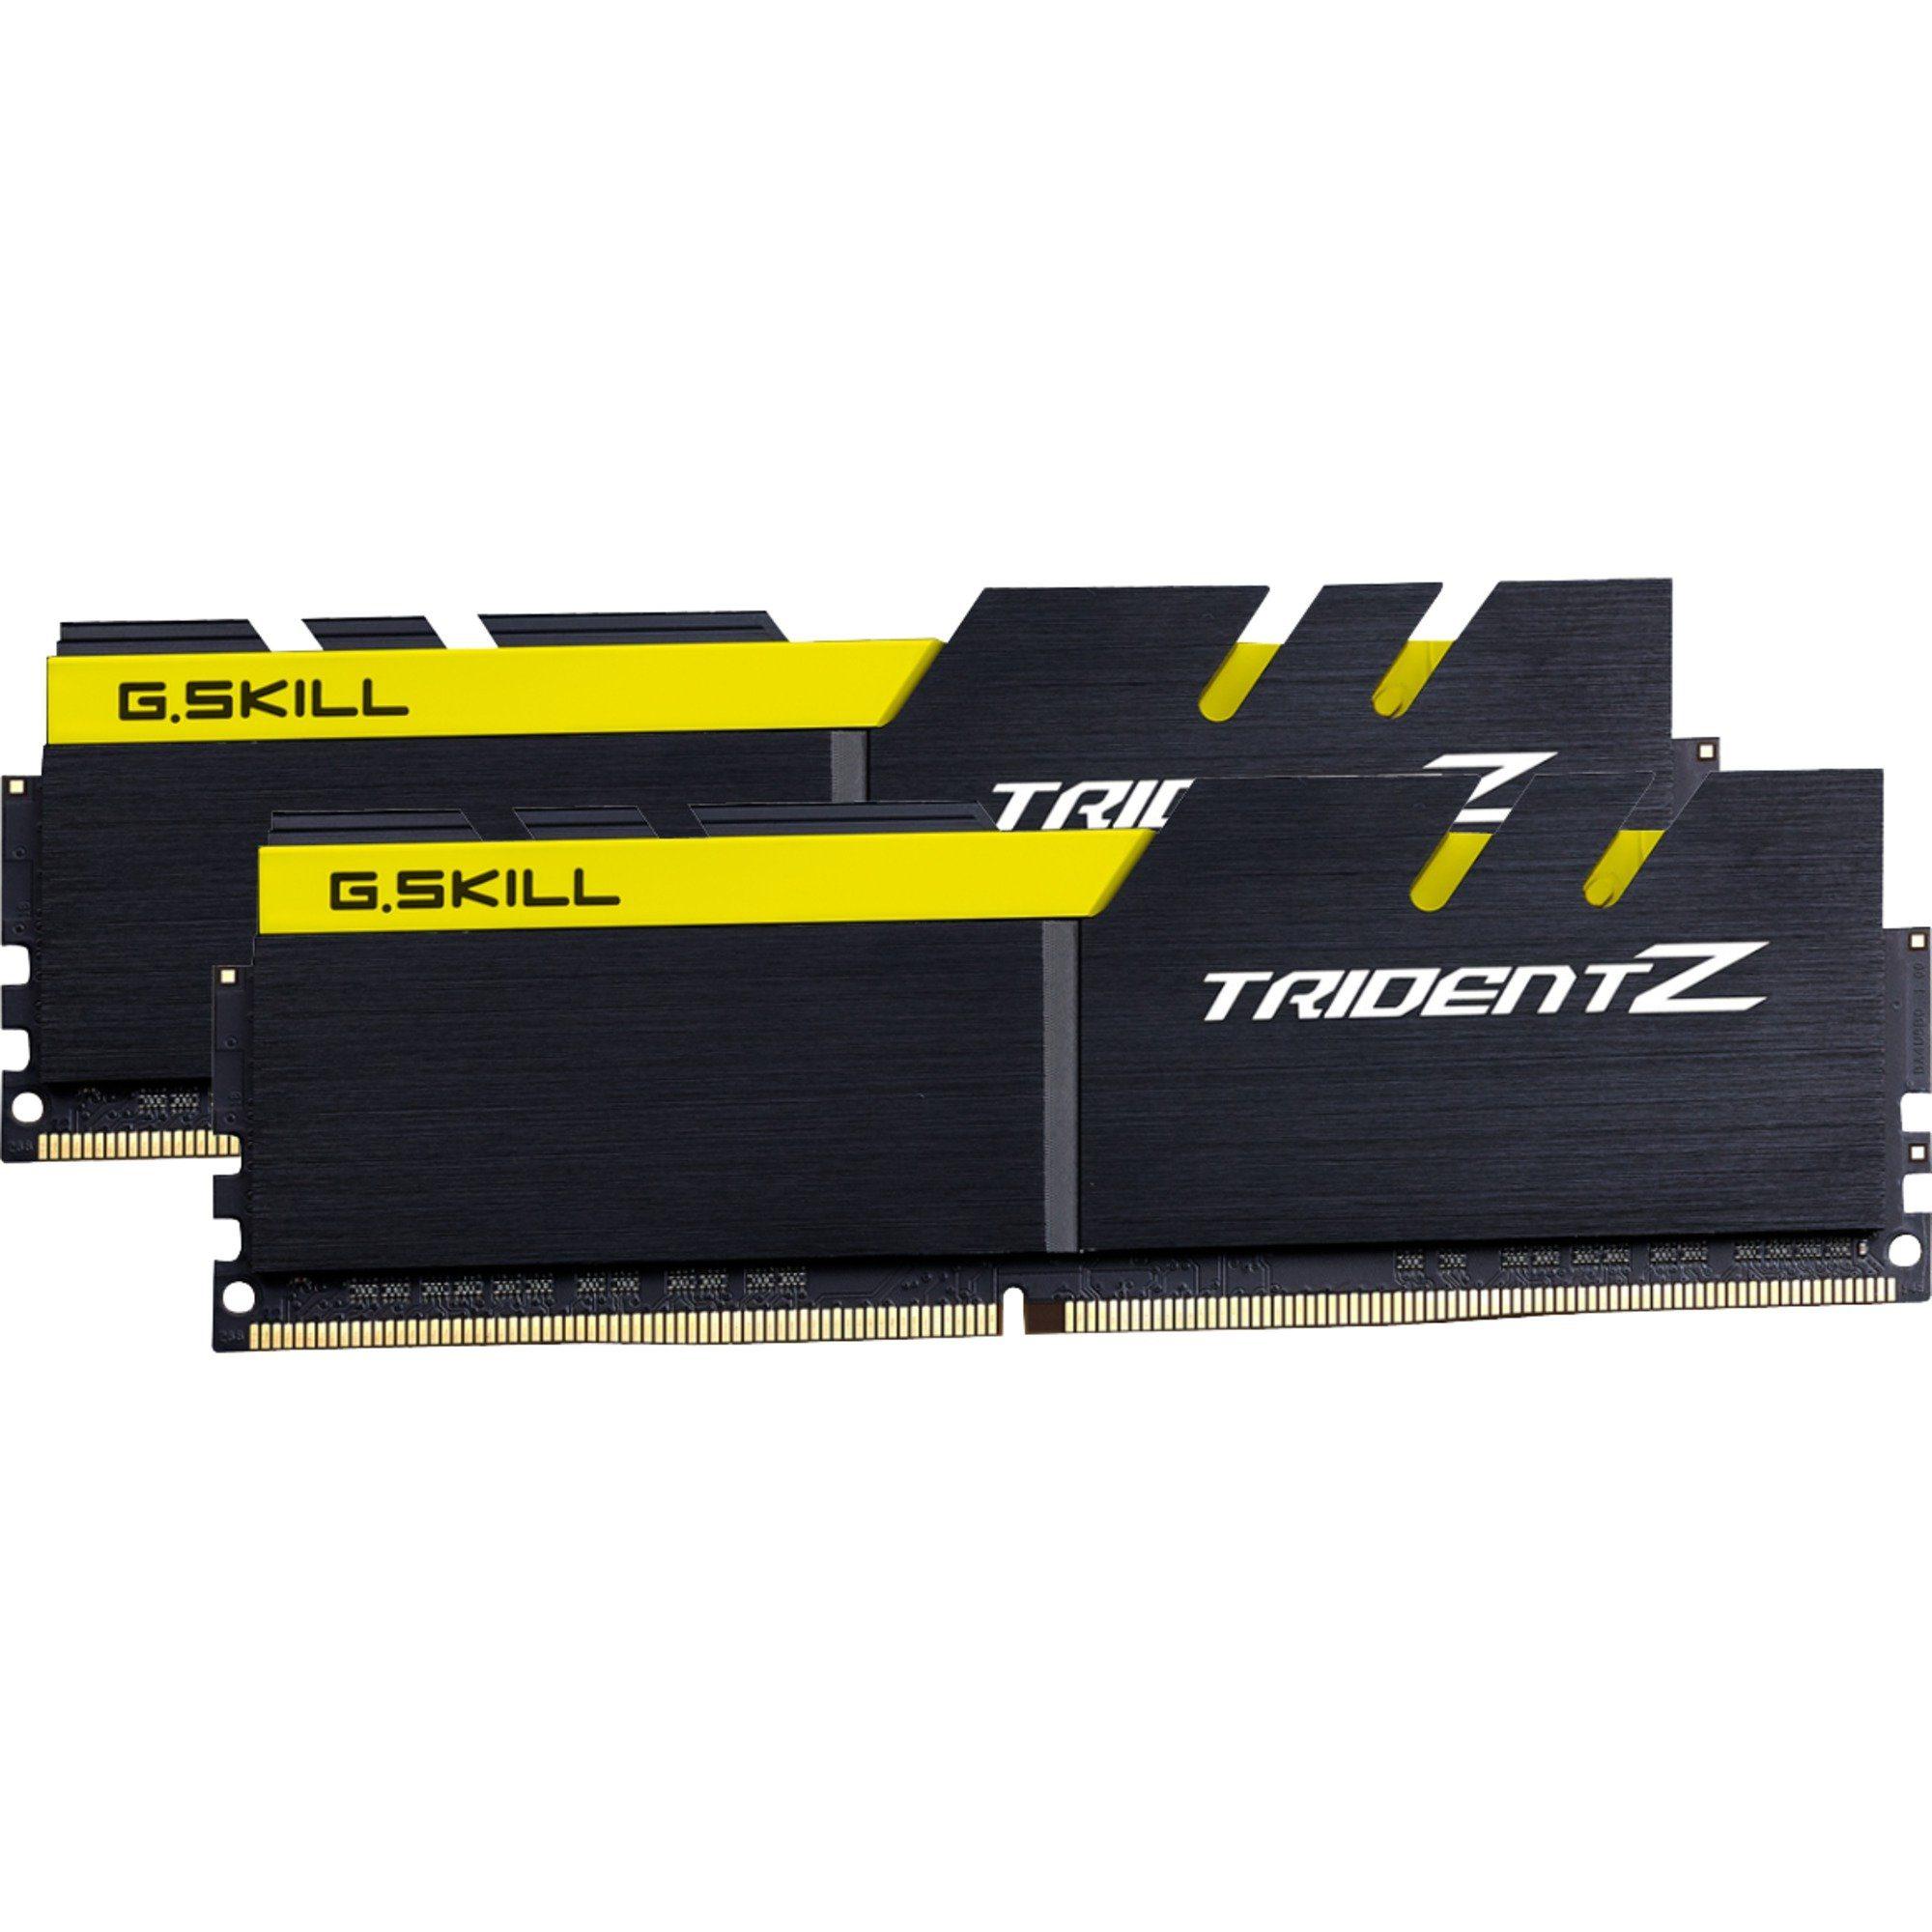 G.Skill Arbeitsspeicher »DIMM 16 GB DDR4-3200 Trident Z«